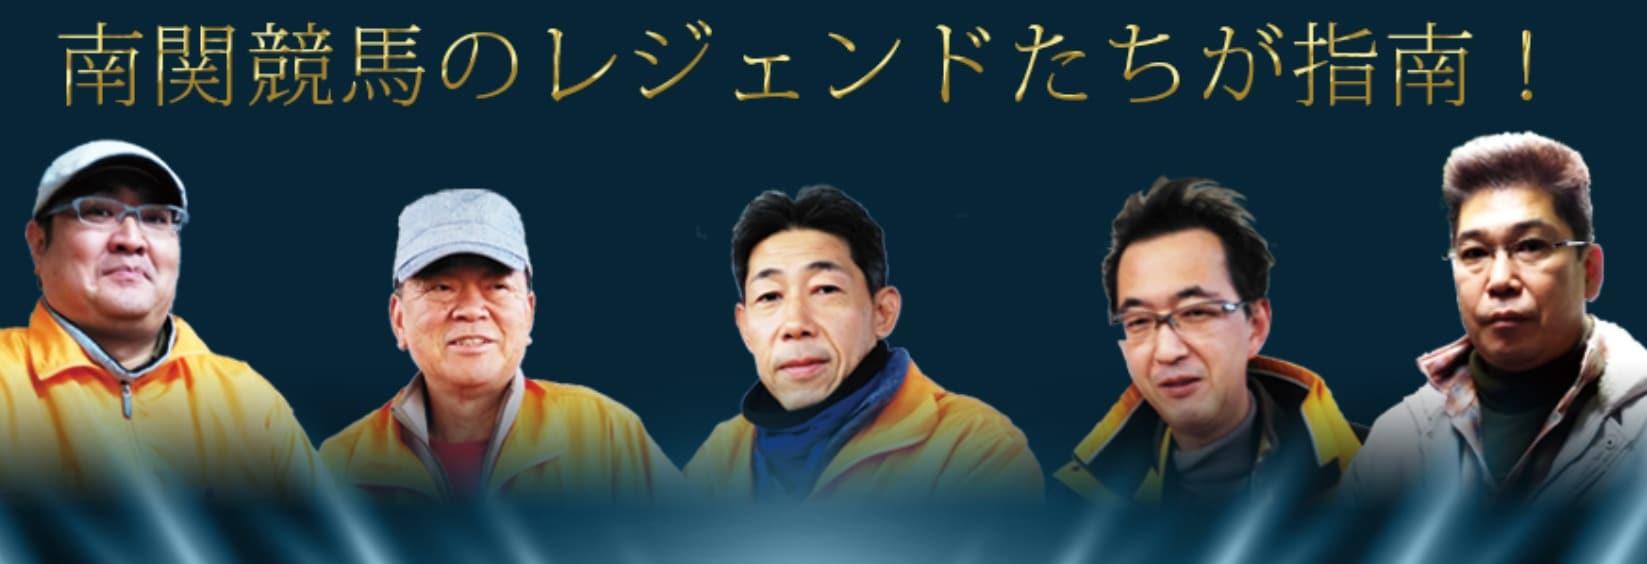 ホースリサーチ東京